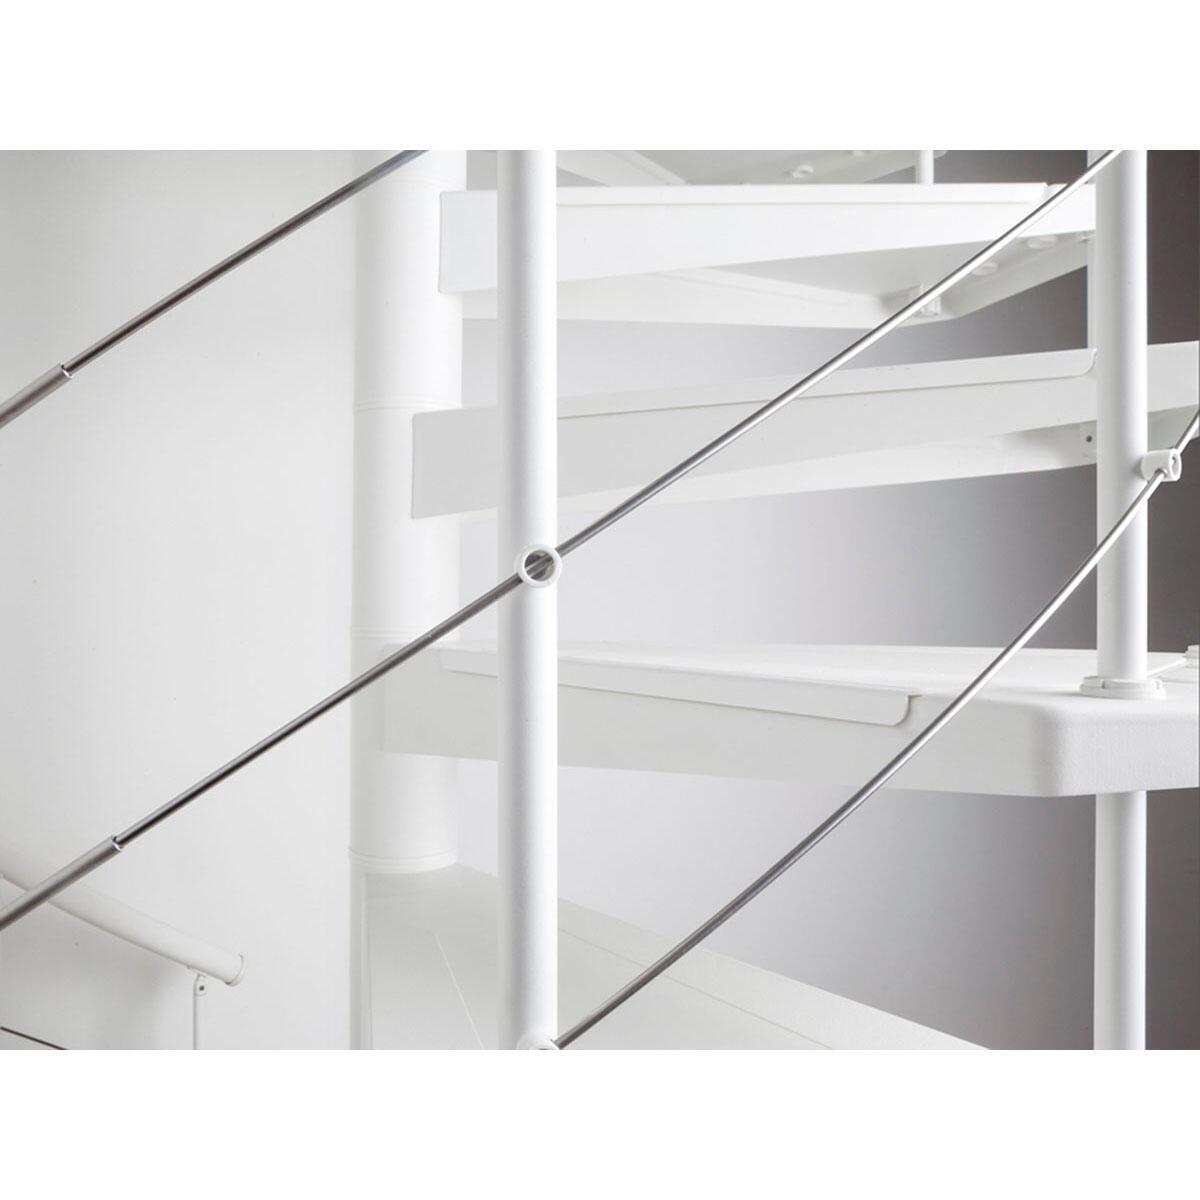 Scala a chiocciola tonda Gexi FONTANOT L 140 cm, gradino bianco, struttura bianco - 7